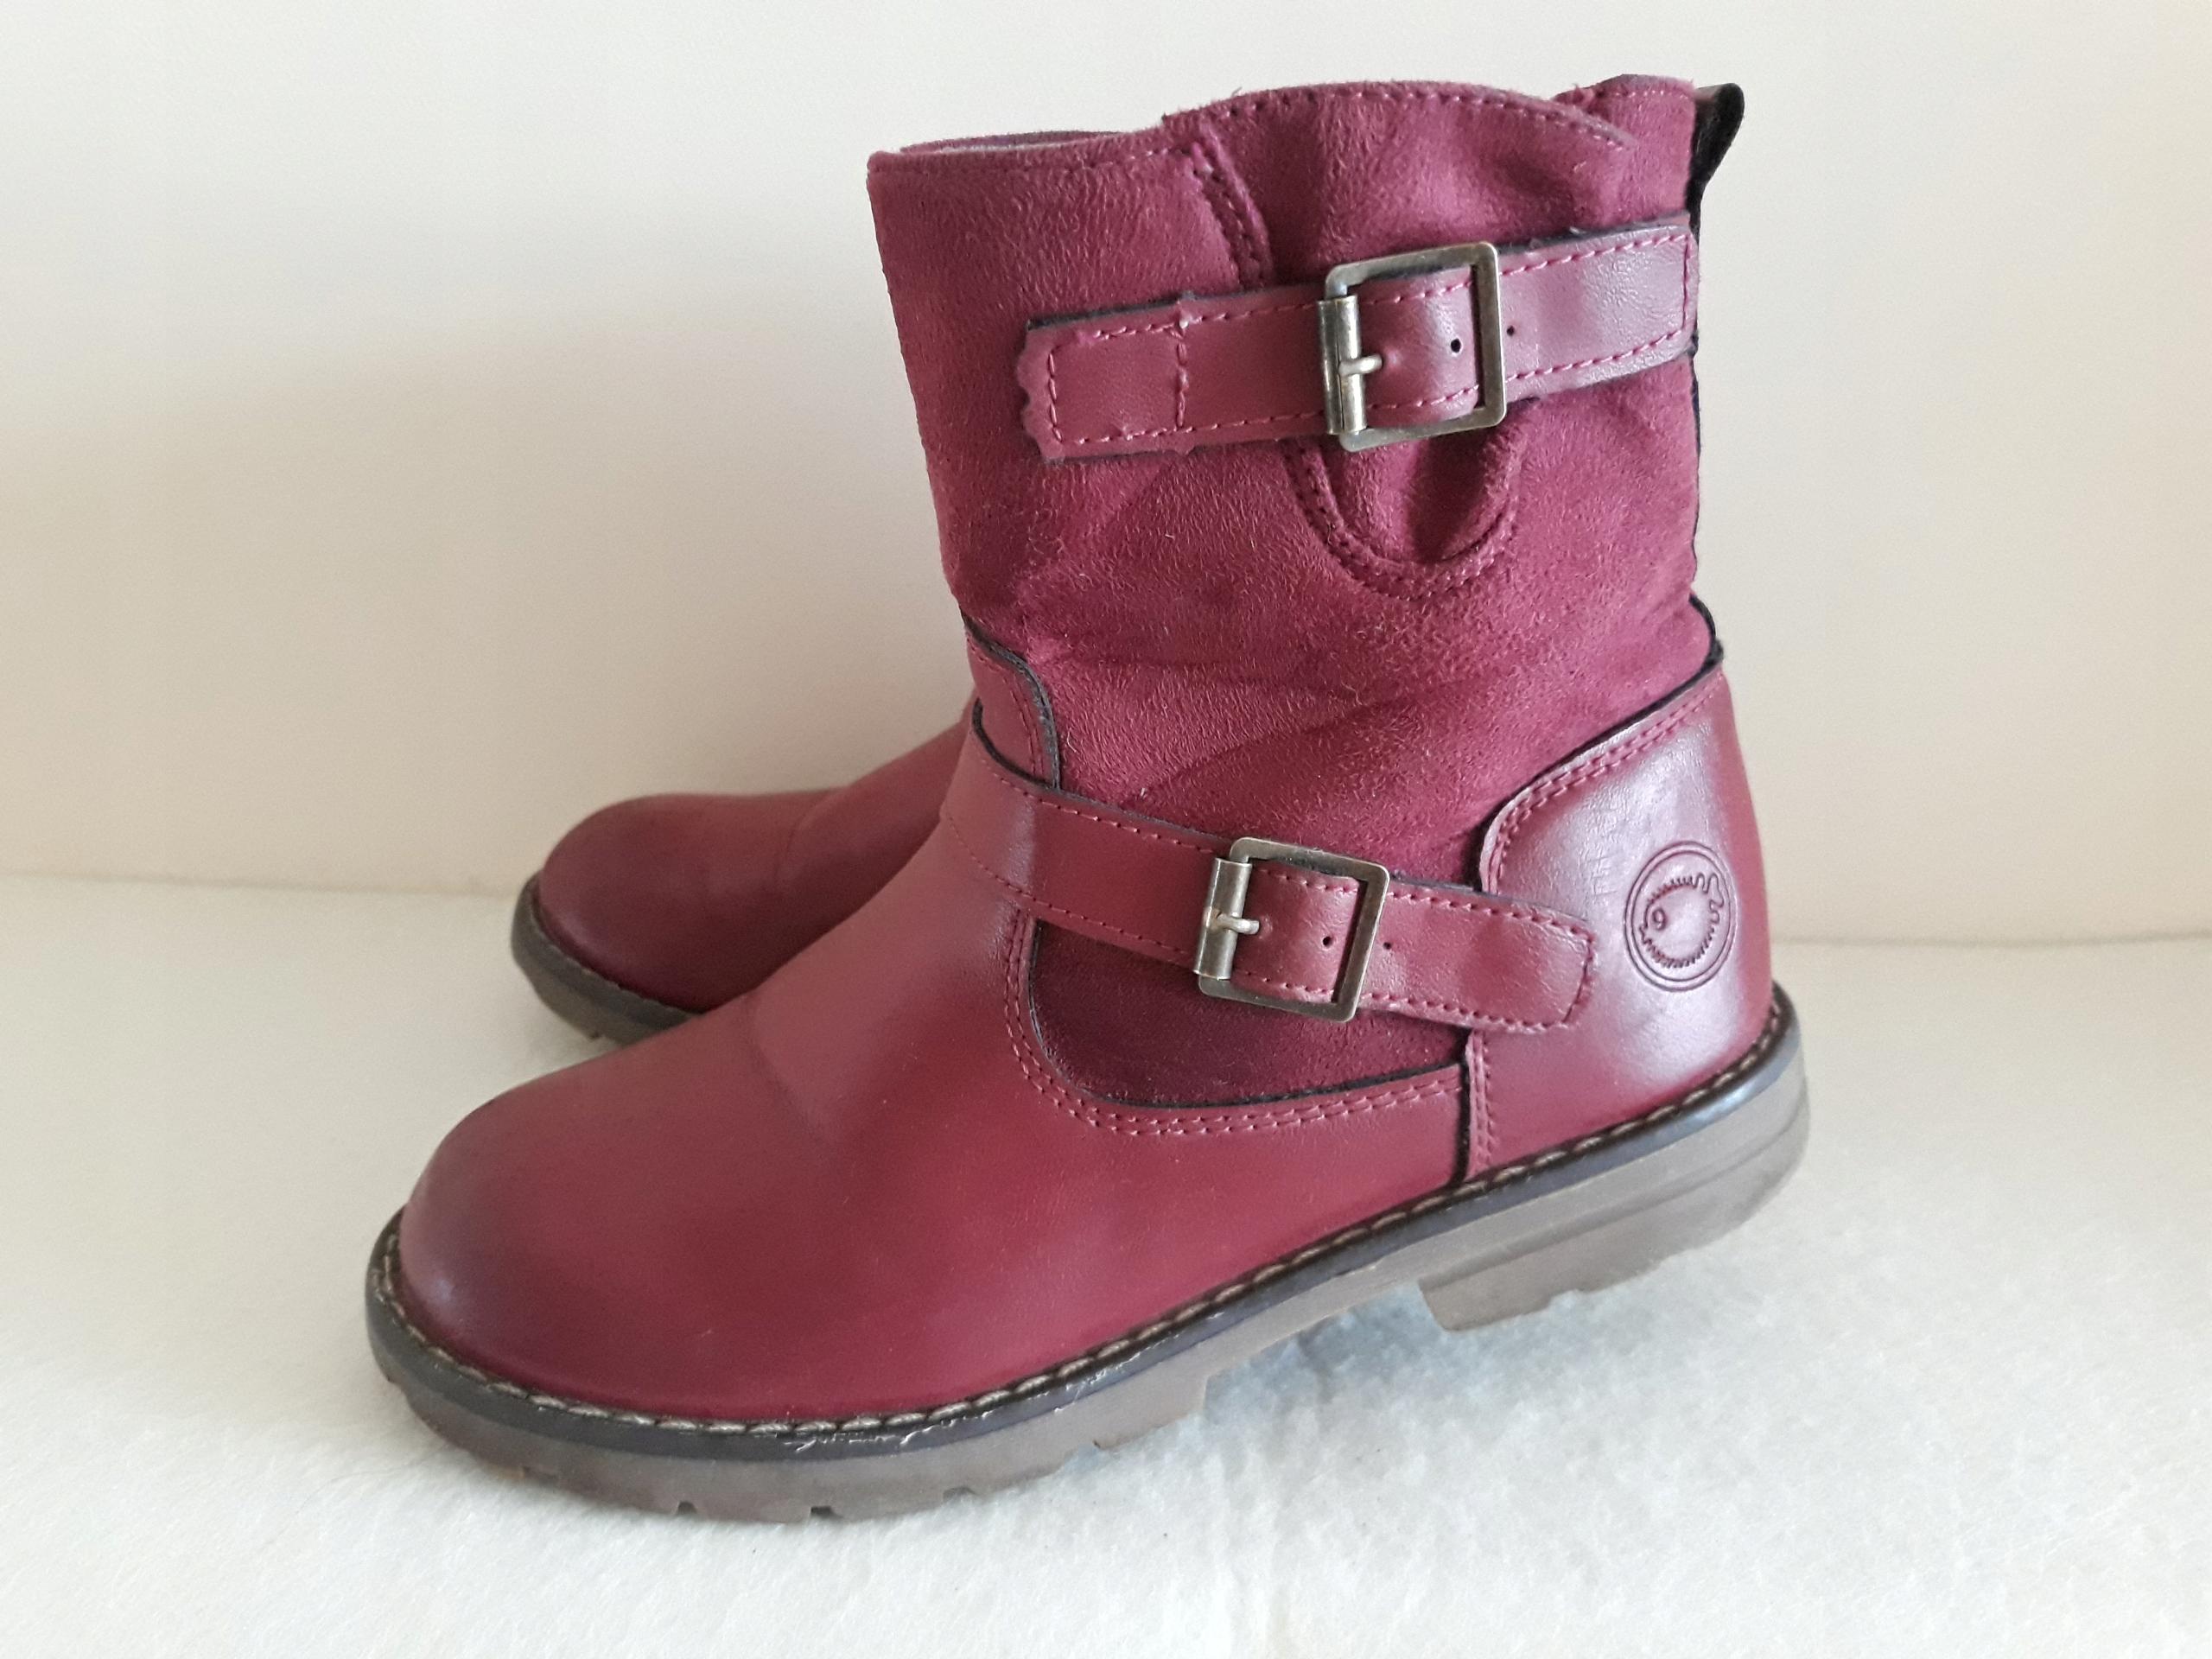 3bed0108 Kozaczki buty zimowe kozaki botki dziewczęce r. 30 - 7621509337 ...